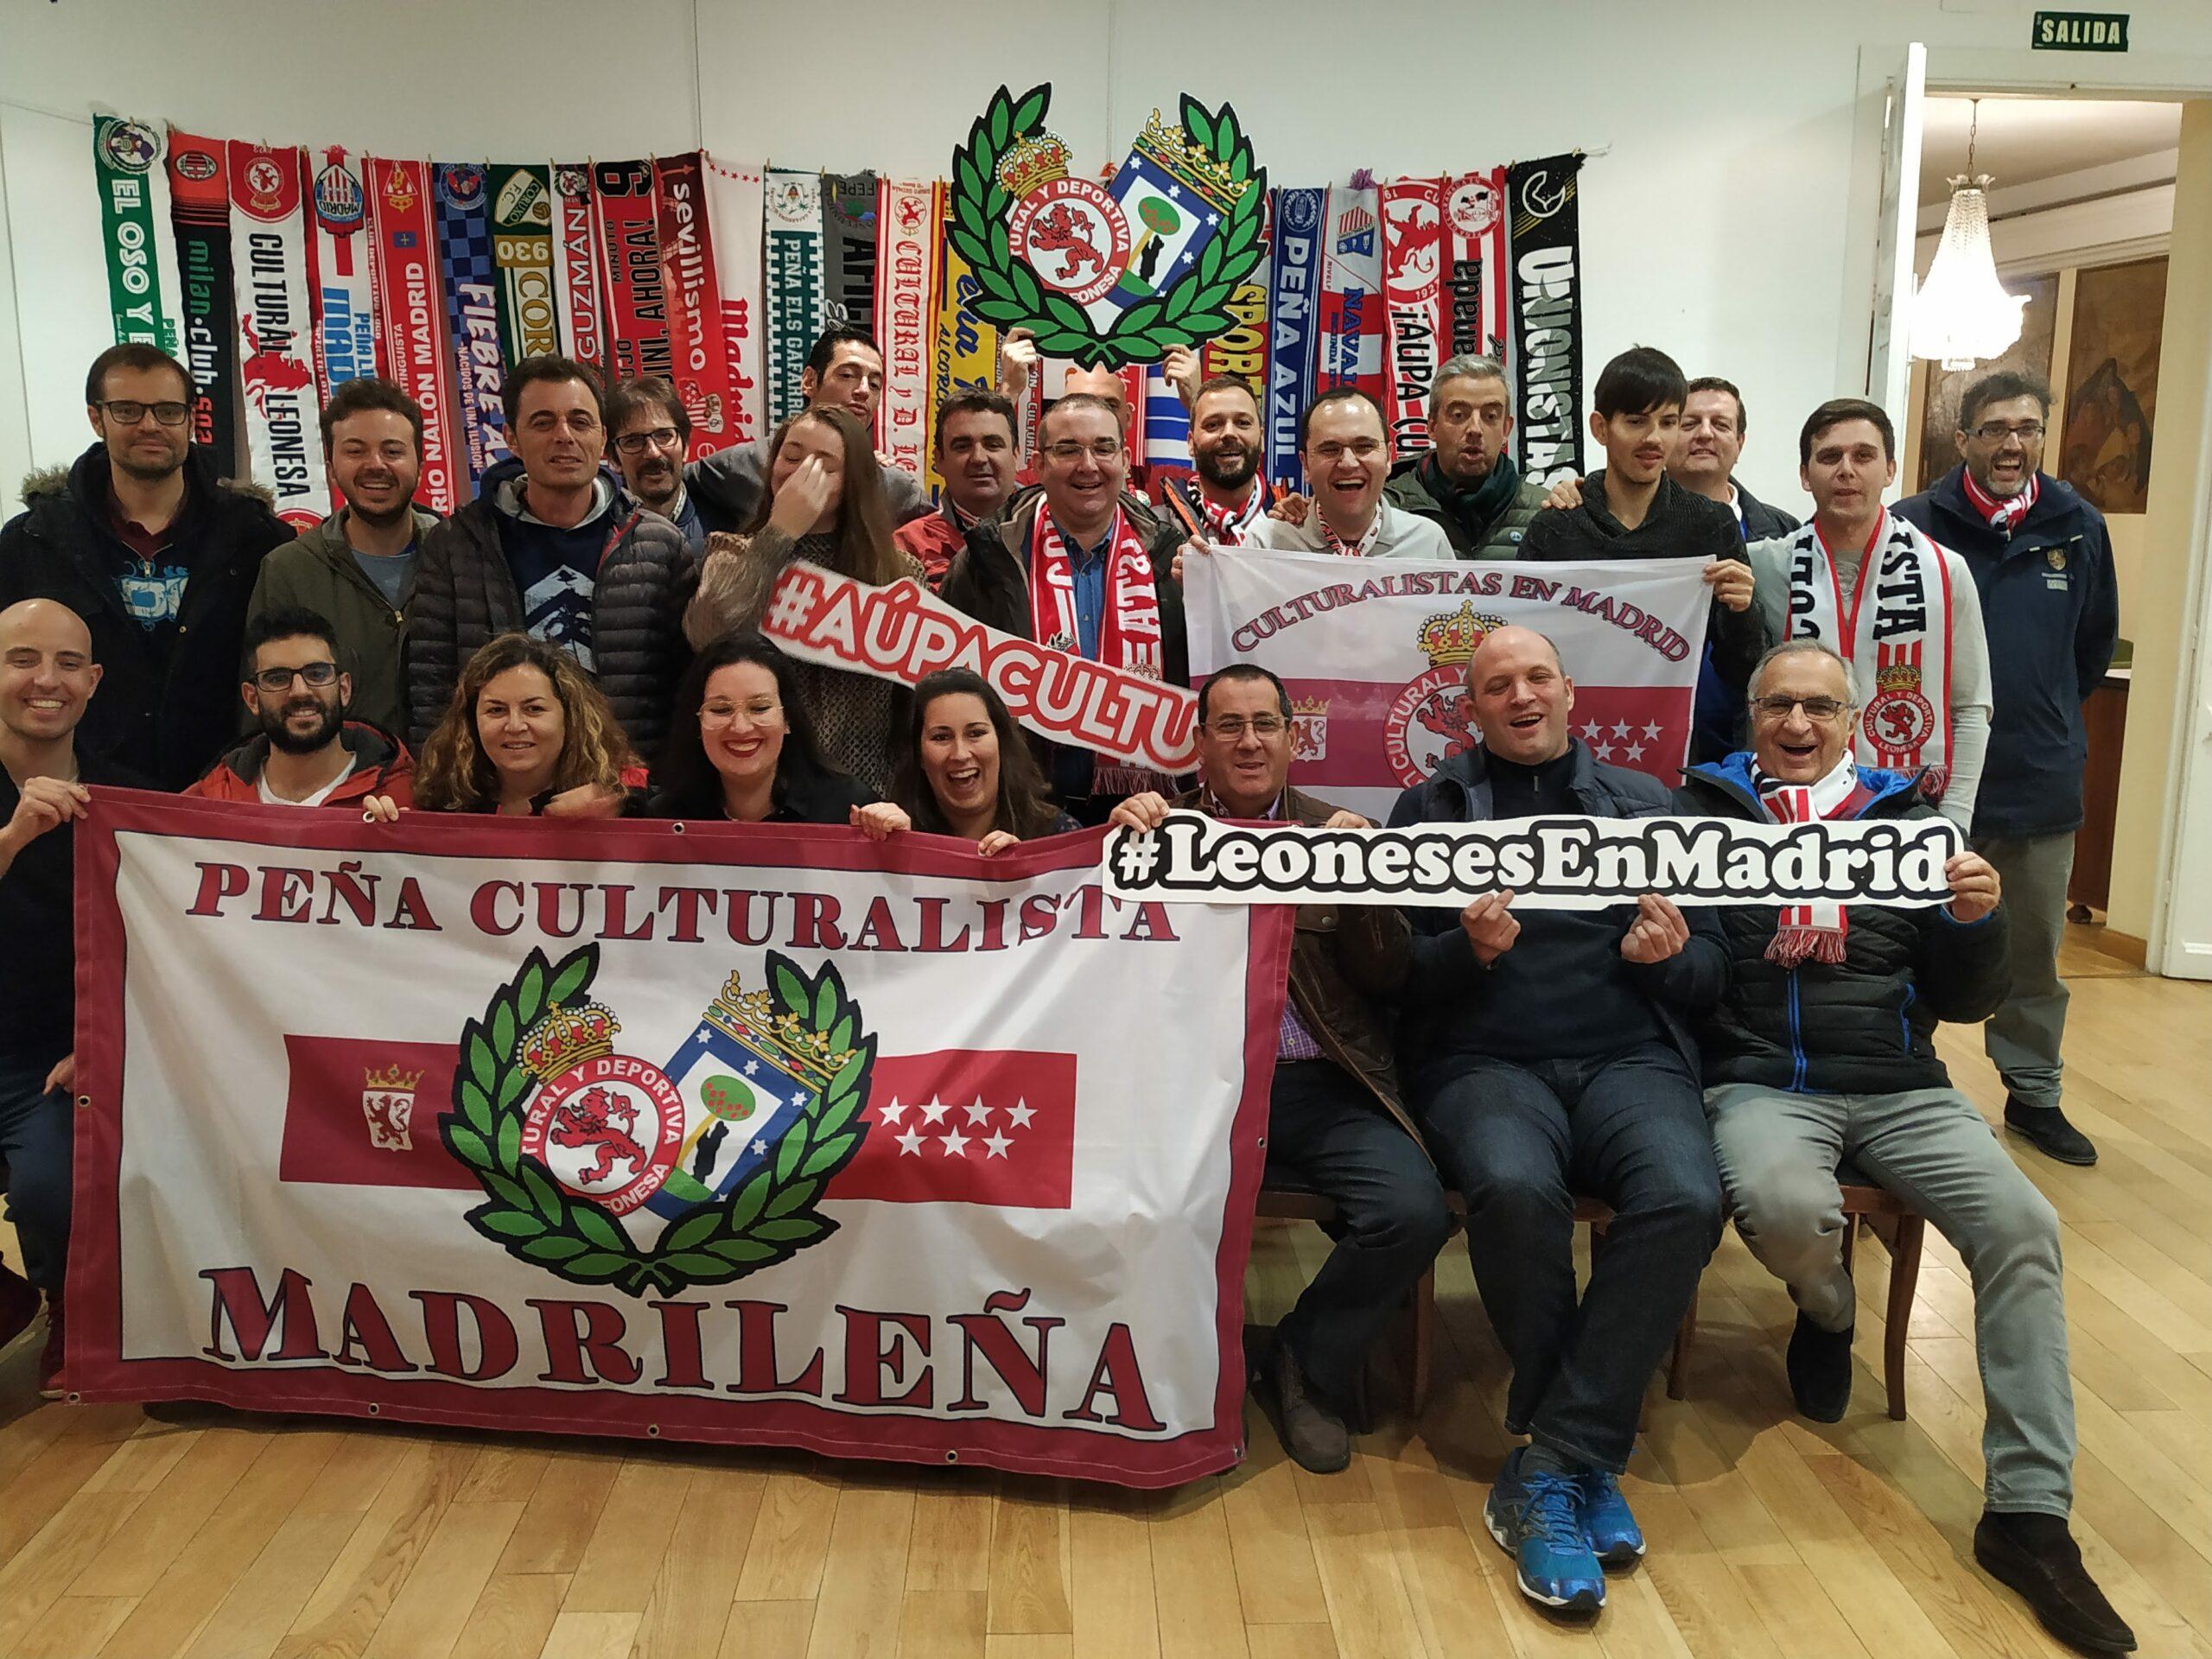 La Peña Culturalista Madrileña celebra su cuarto aniversario - Radio Marca León